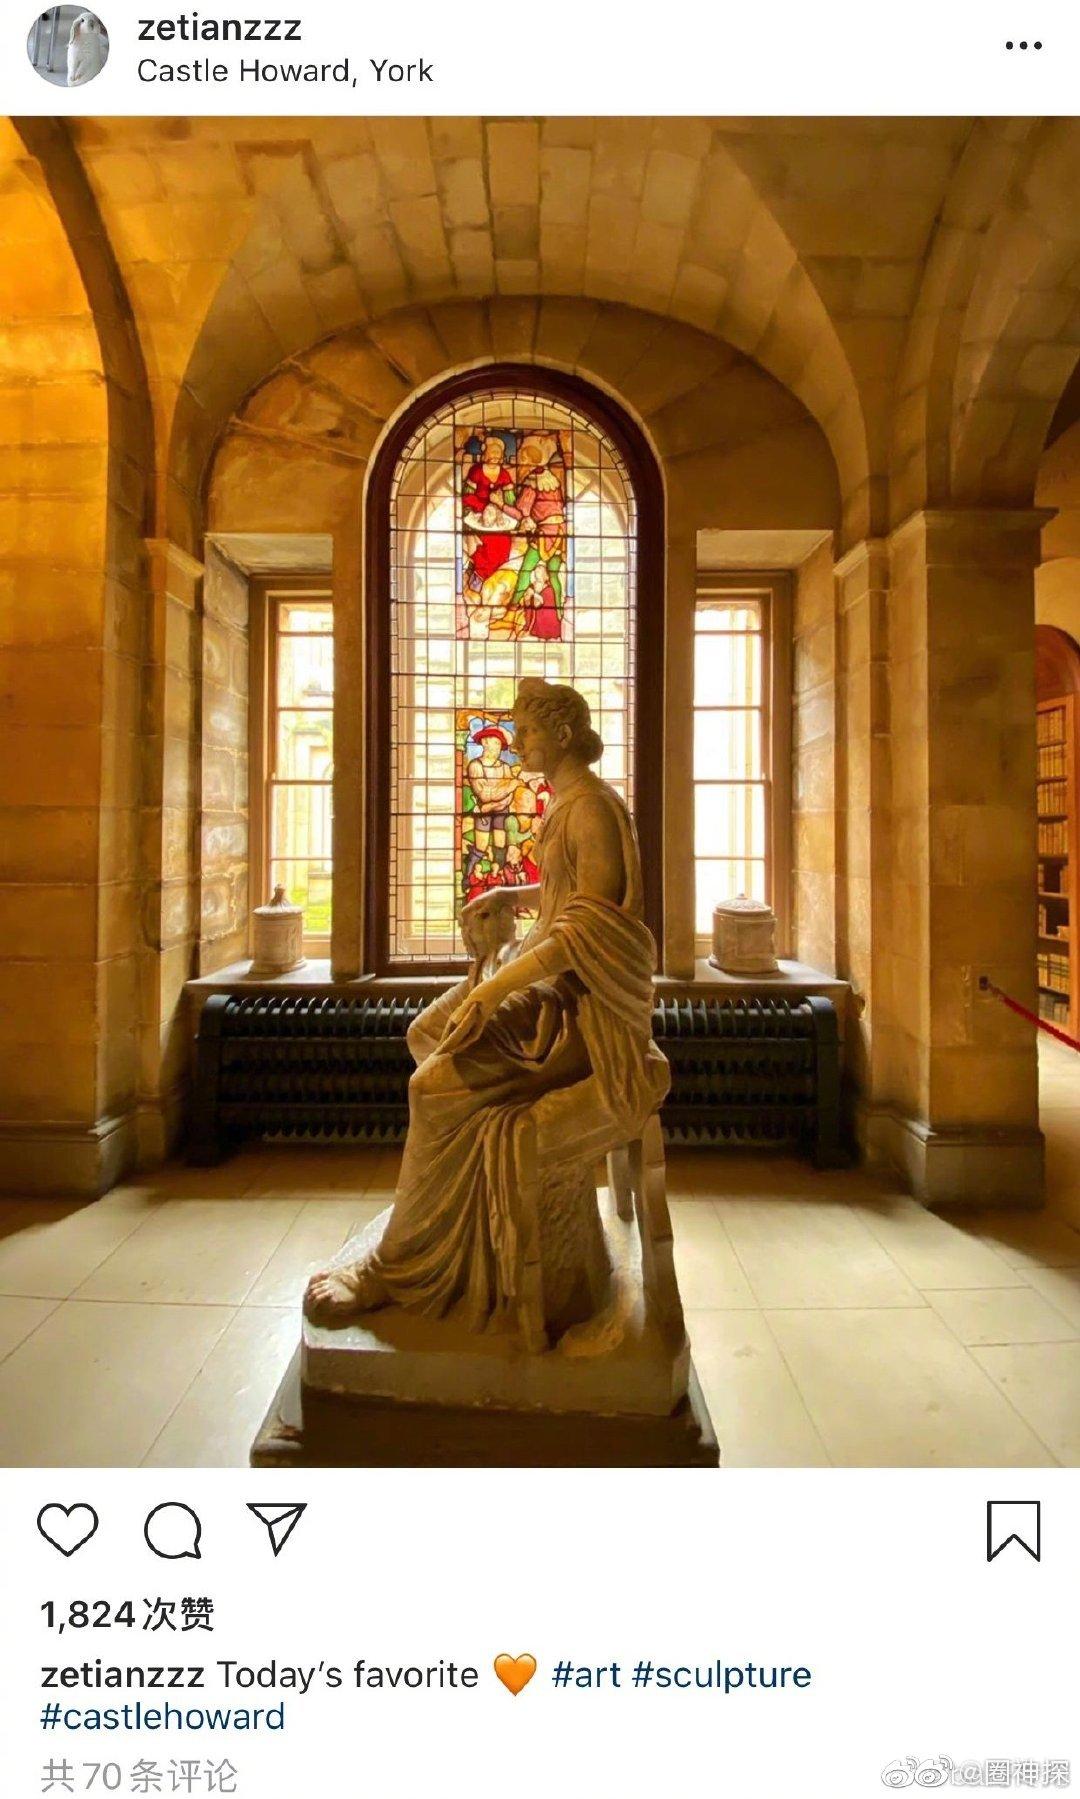 奶茶妹妹章泽天如今在英国剑桥留学,今天她发了游玩城堡的照片